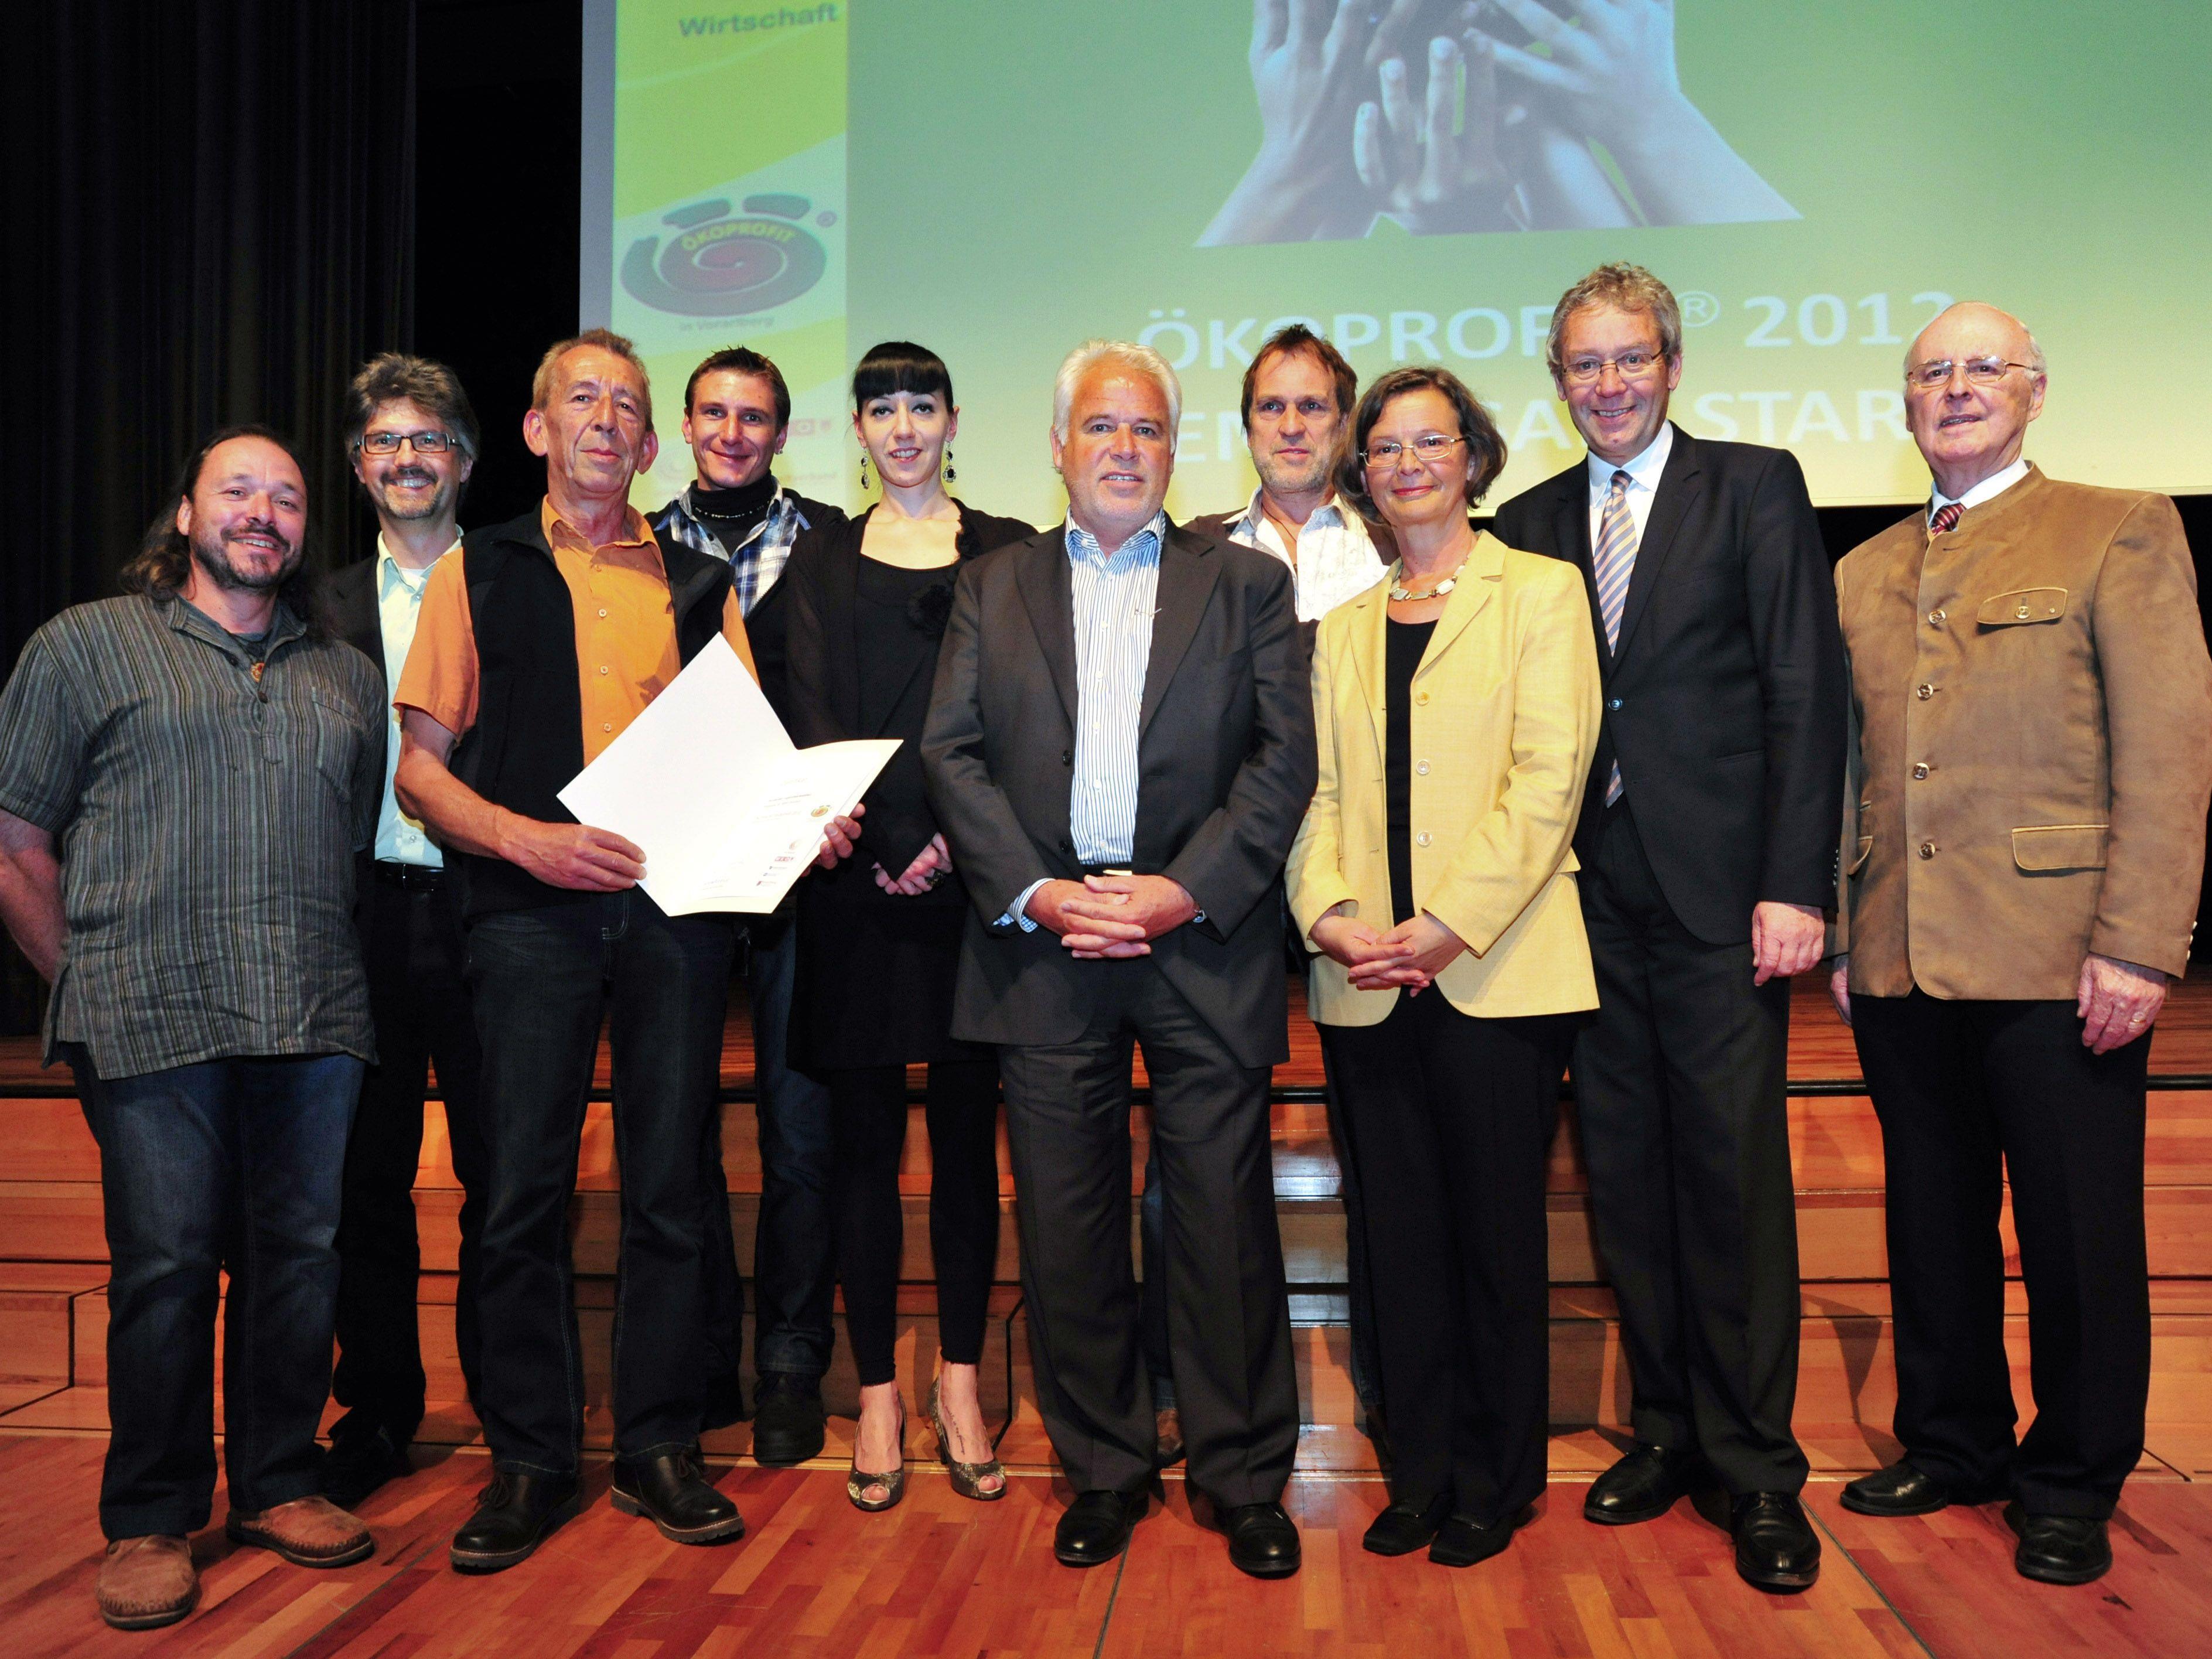 Das Team freut sich über die Zertifizierung des Ökoprofit-Gütesiegels.